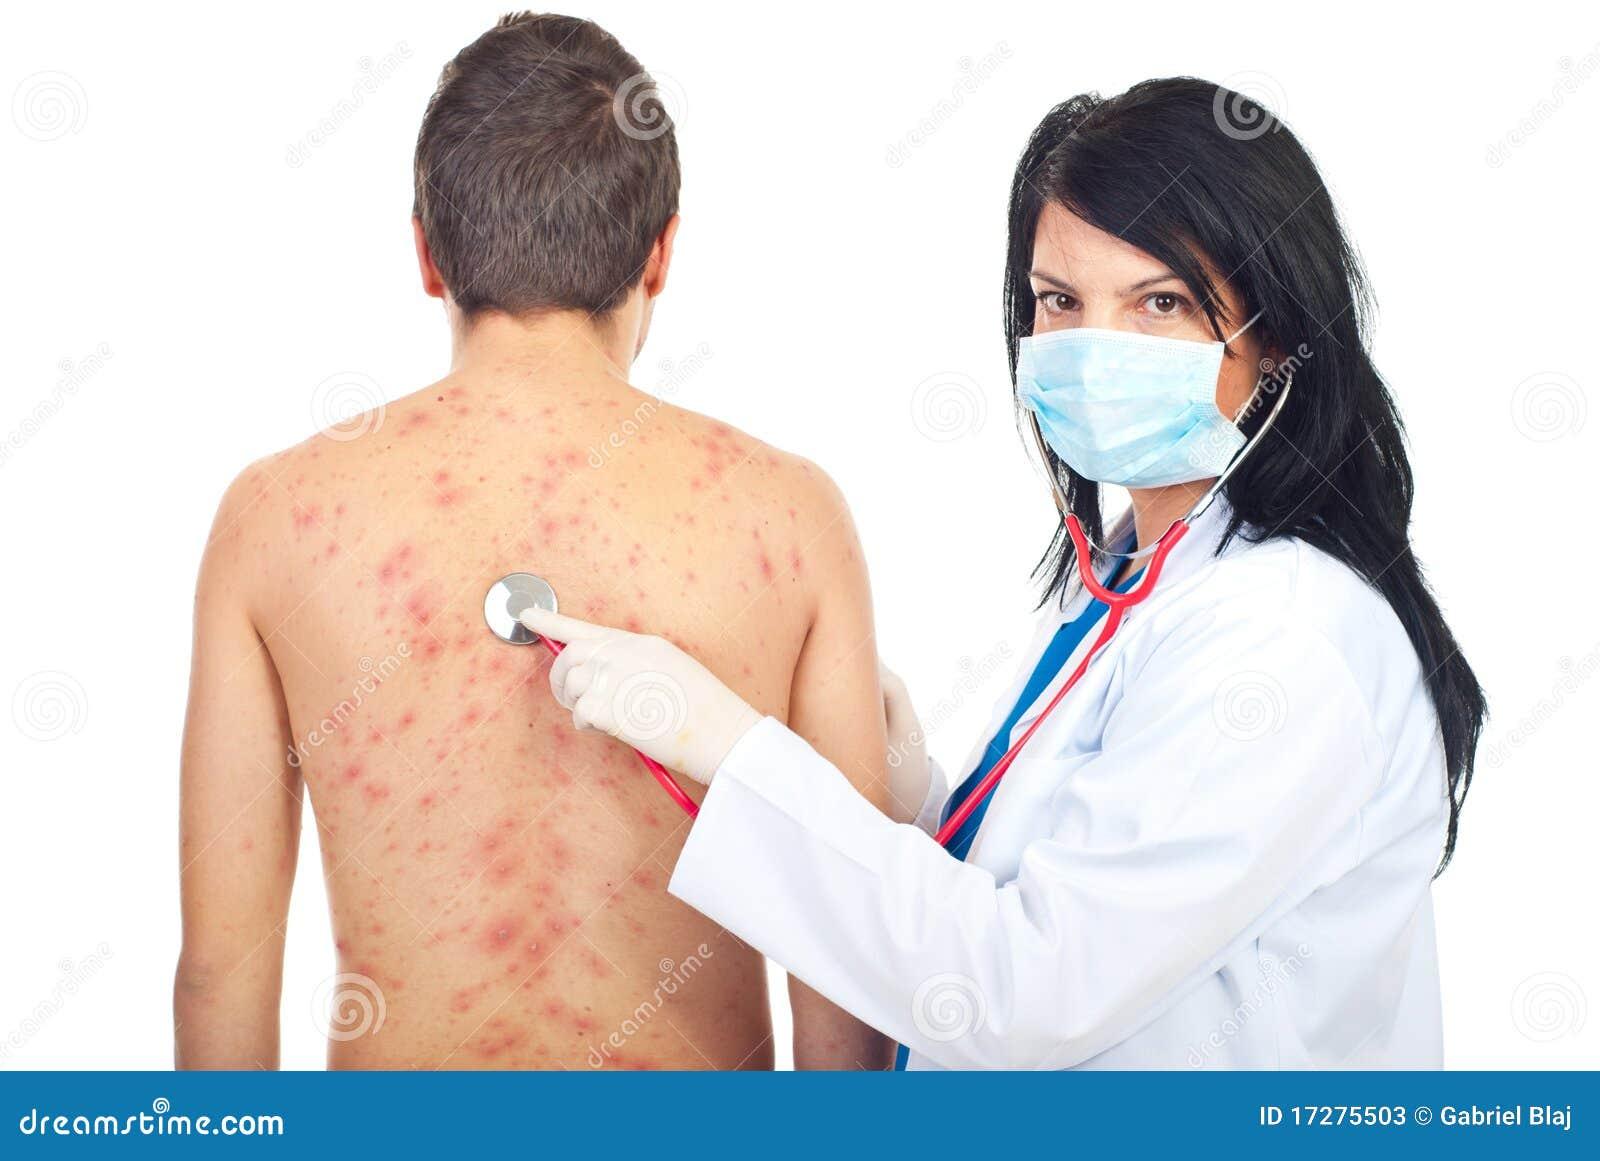 El doctor examina a mujeres desnudas